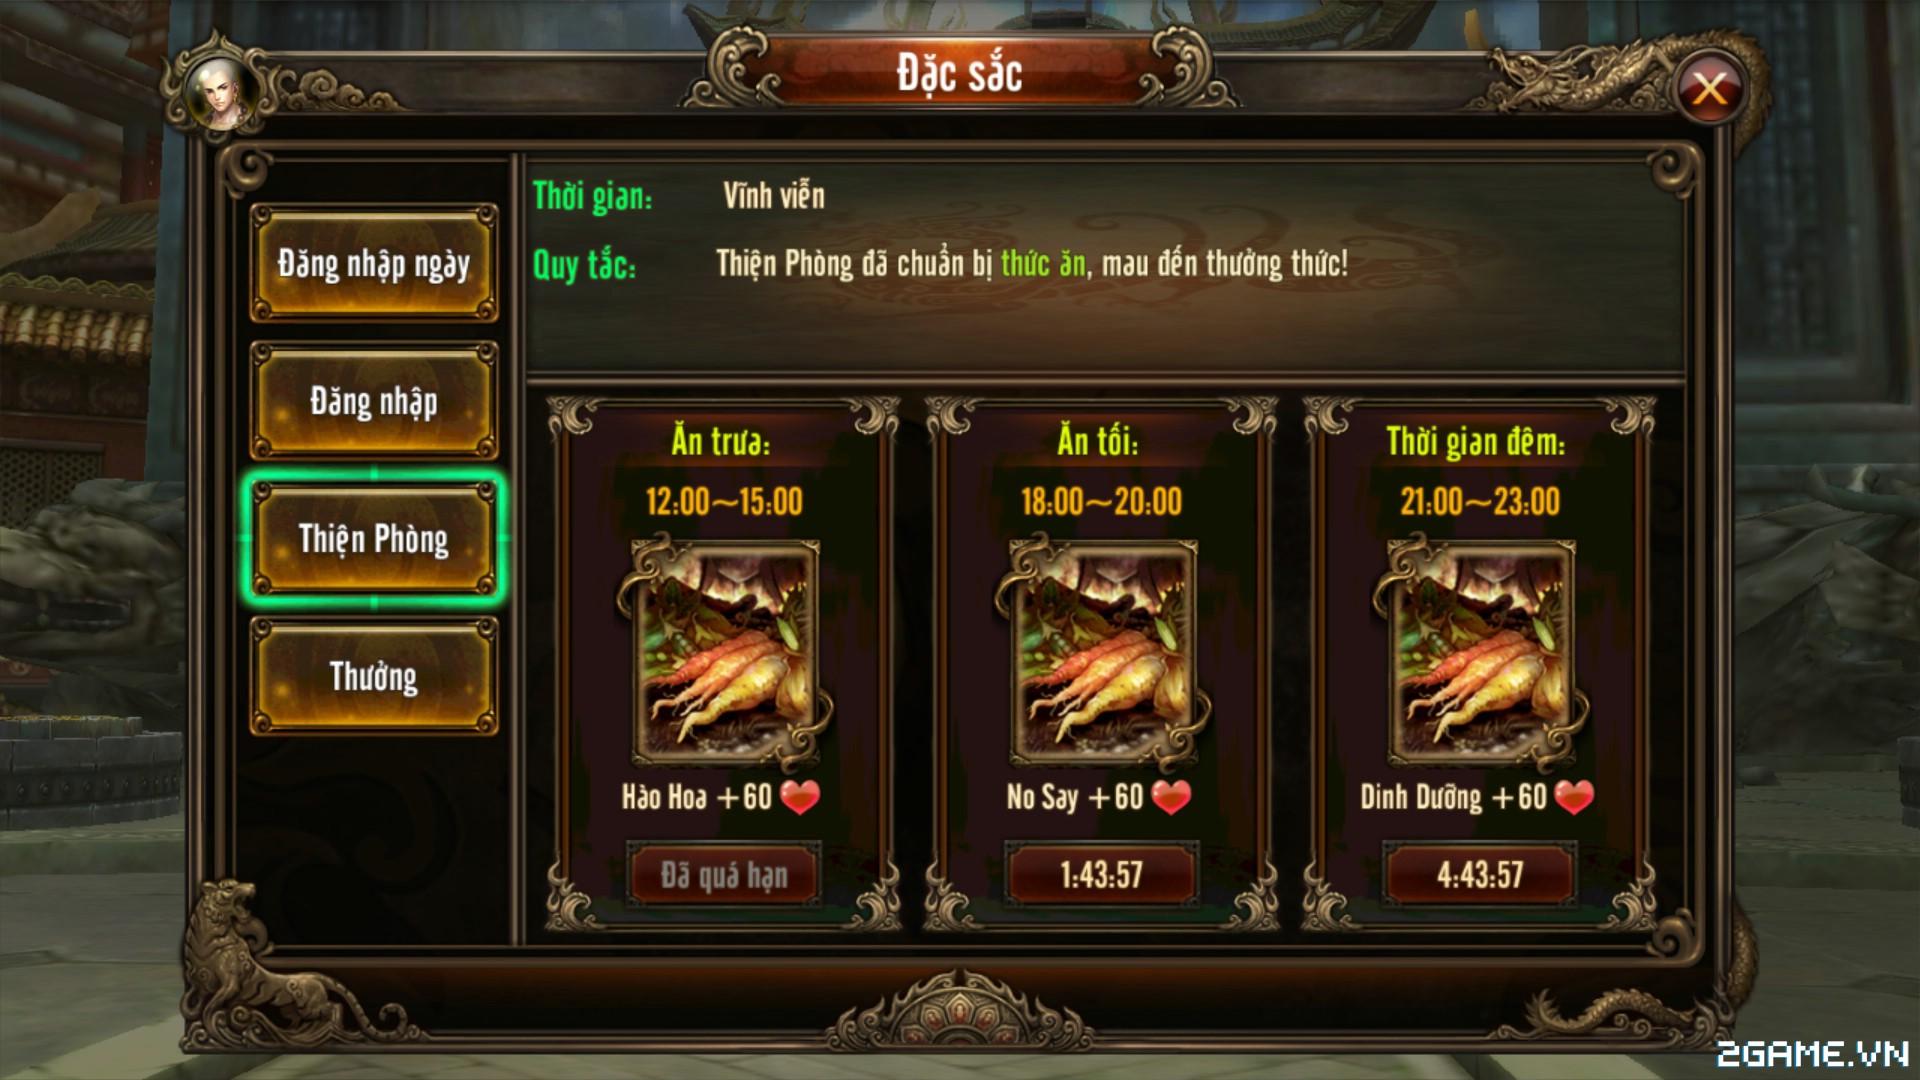 Kungfu Chi Vương - Mẹo tăng cấp nhanh trong game 5